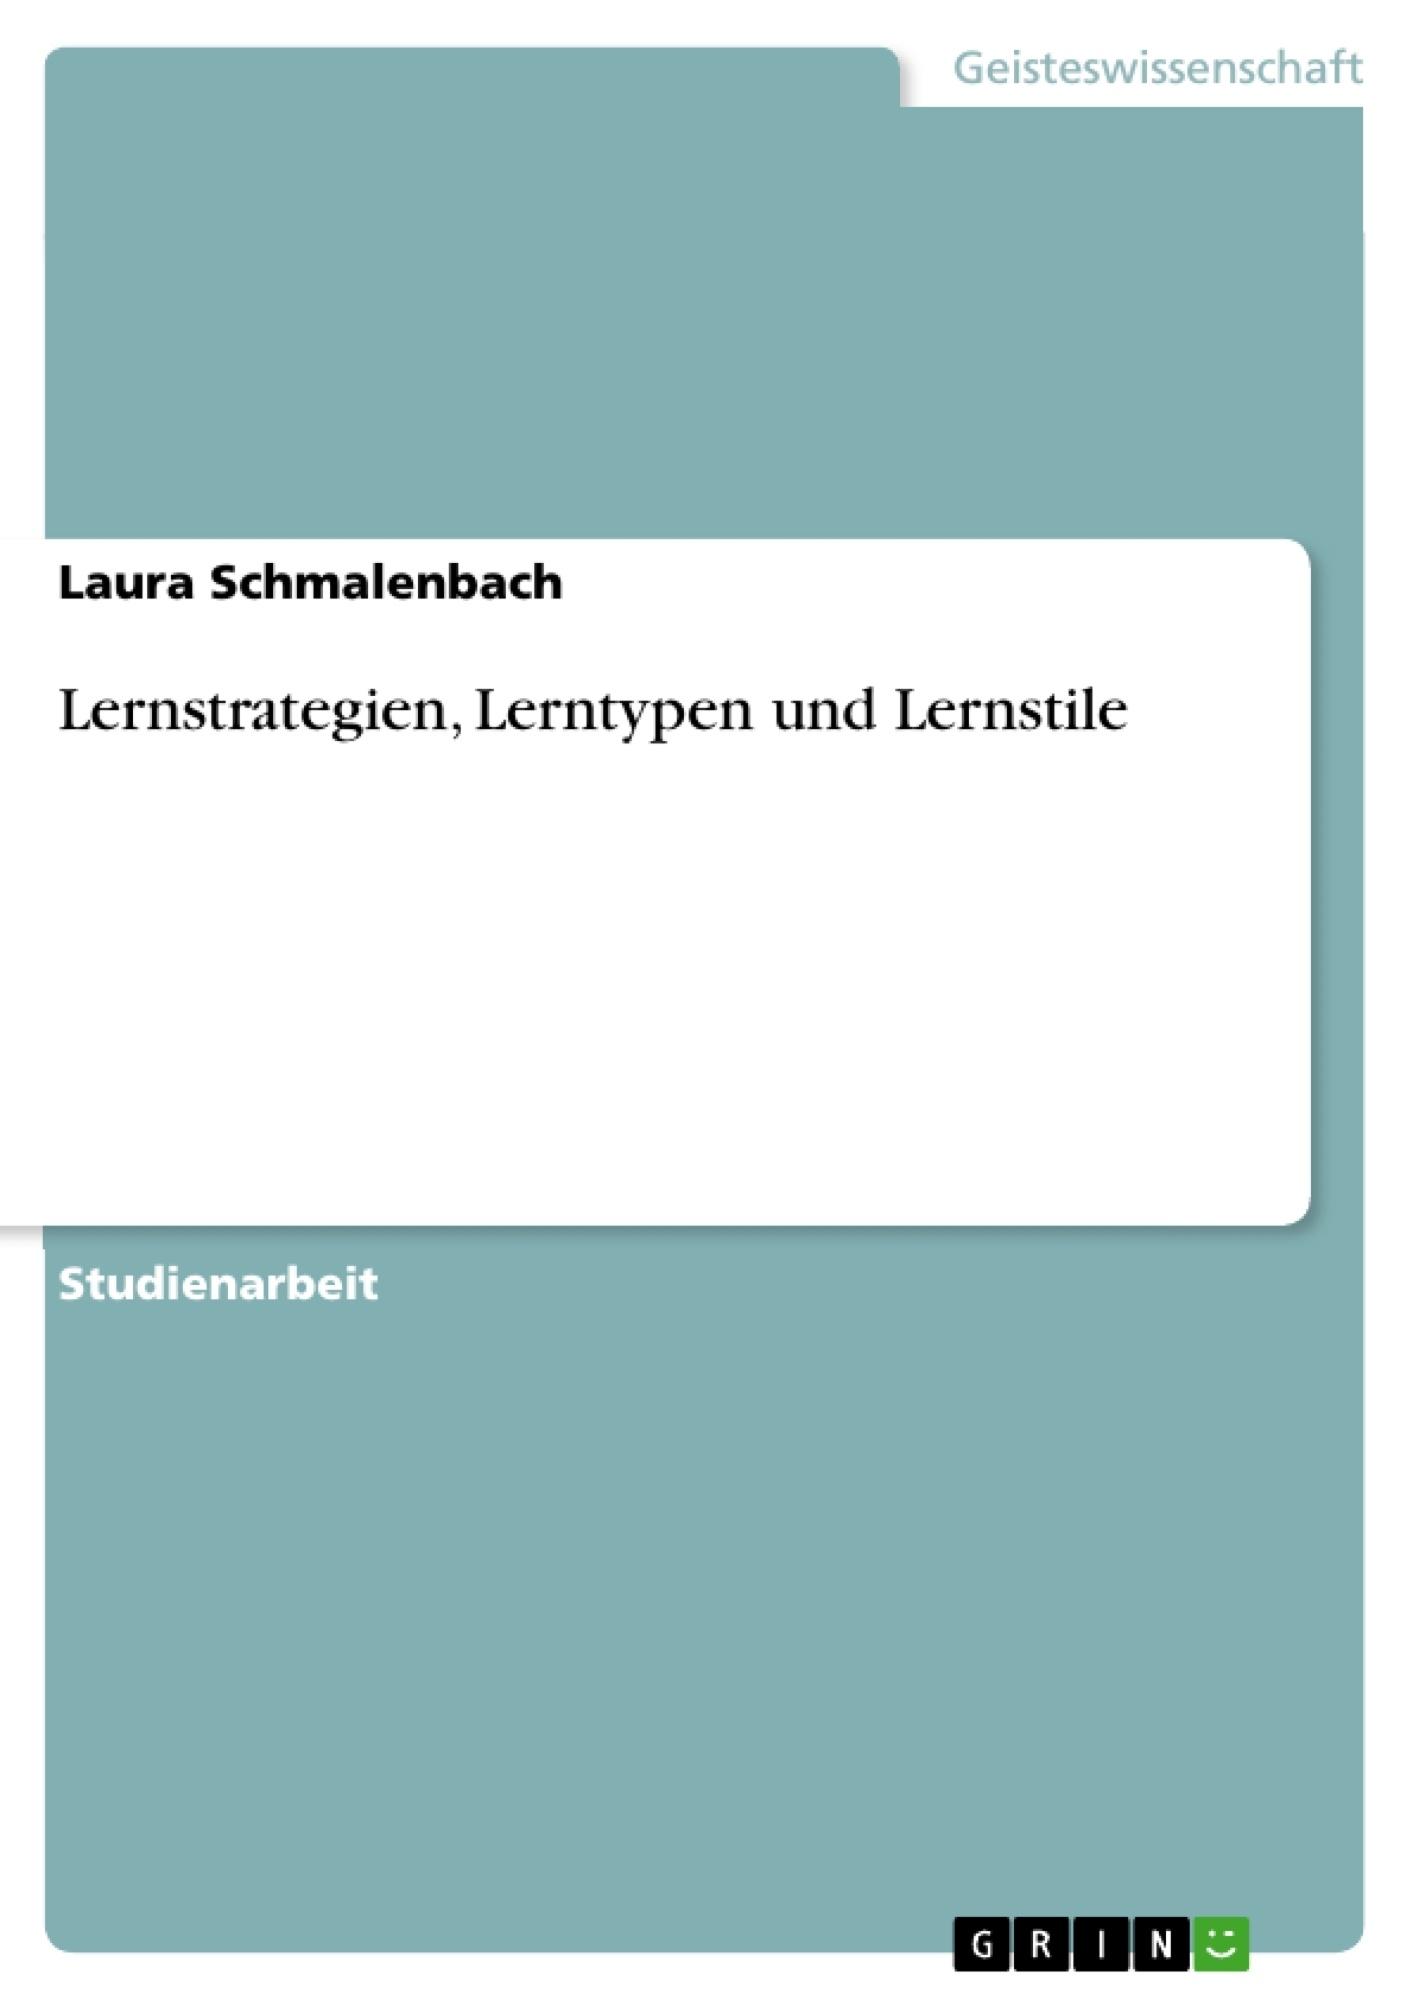 Titel: Lernstrategien, Lerntypen und Lernstile